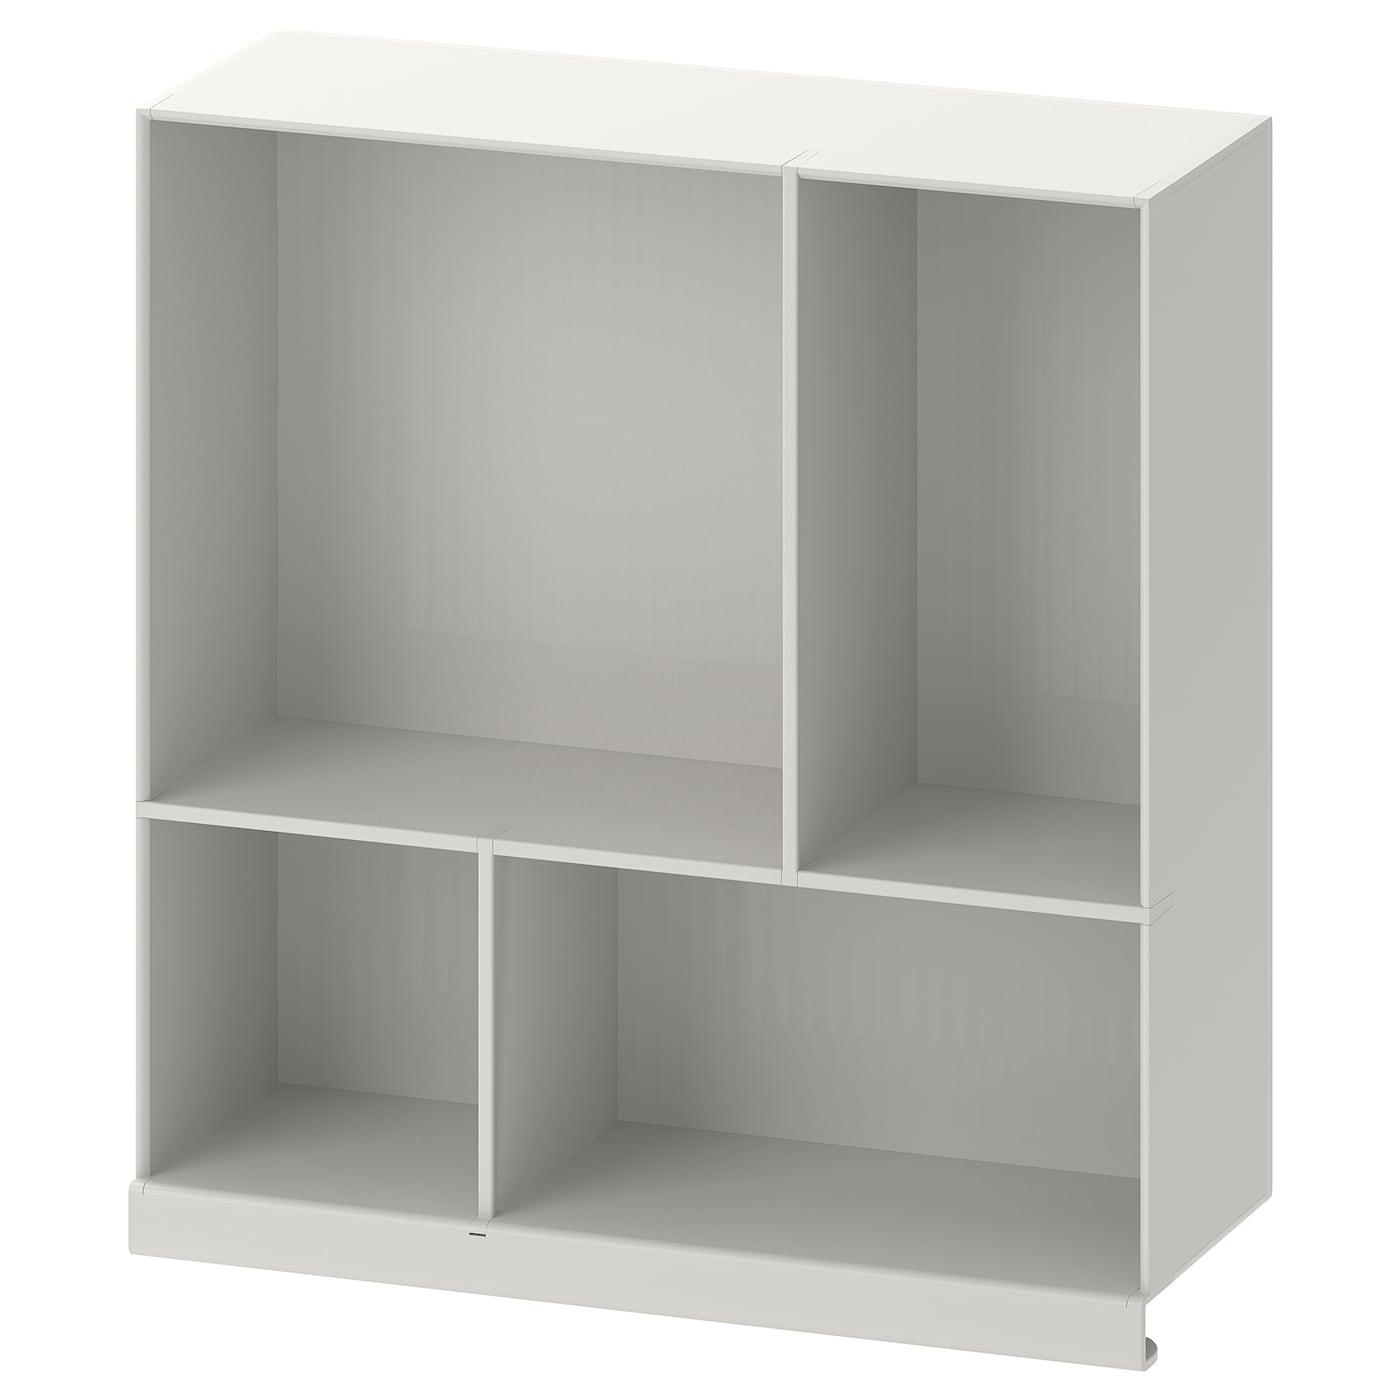 Kallax shelf insert light grey ikea - Mobile kallax ikea ...